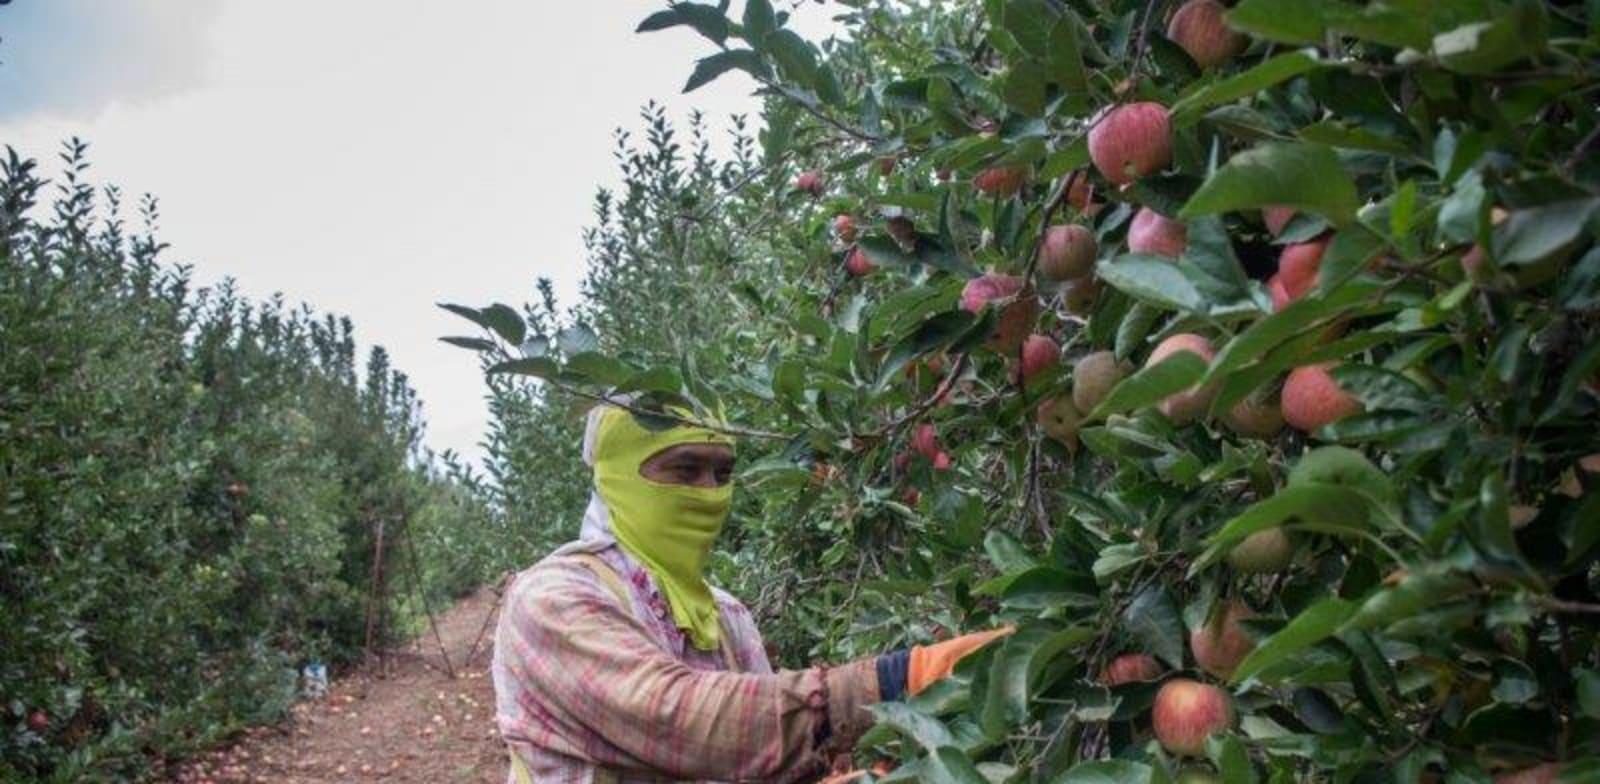 שדה תפוח תפוחים , חקלאות , חקלאים / צילום: אייל מרגולין